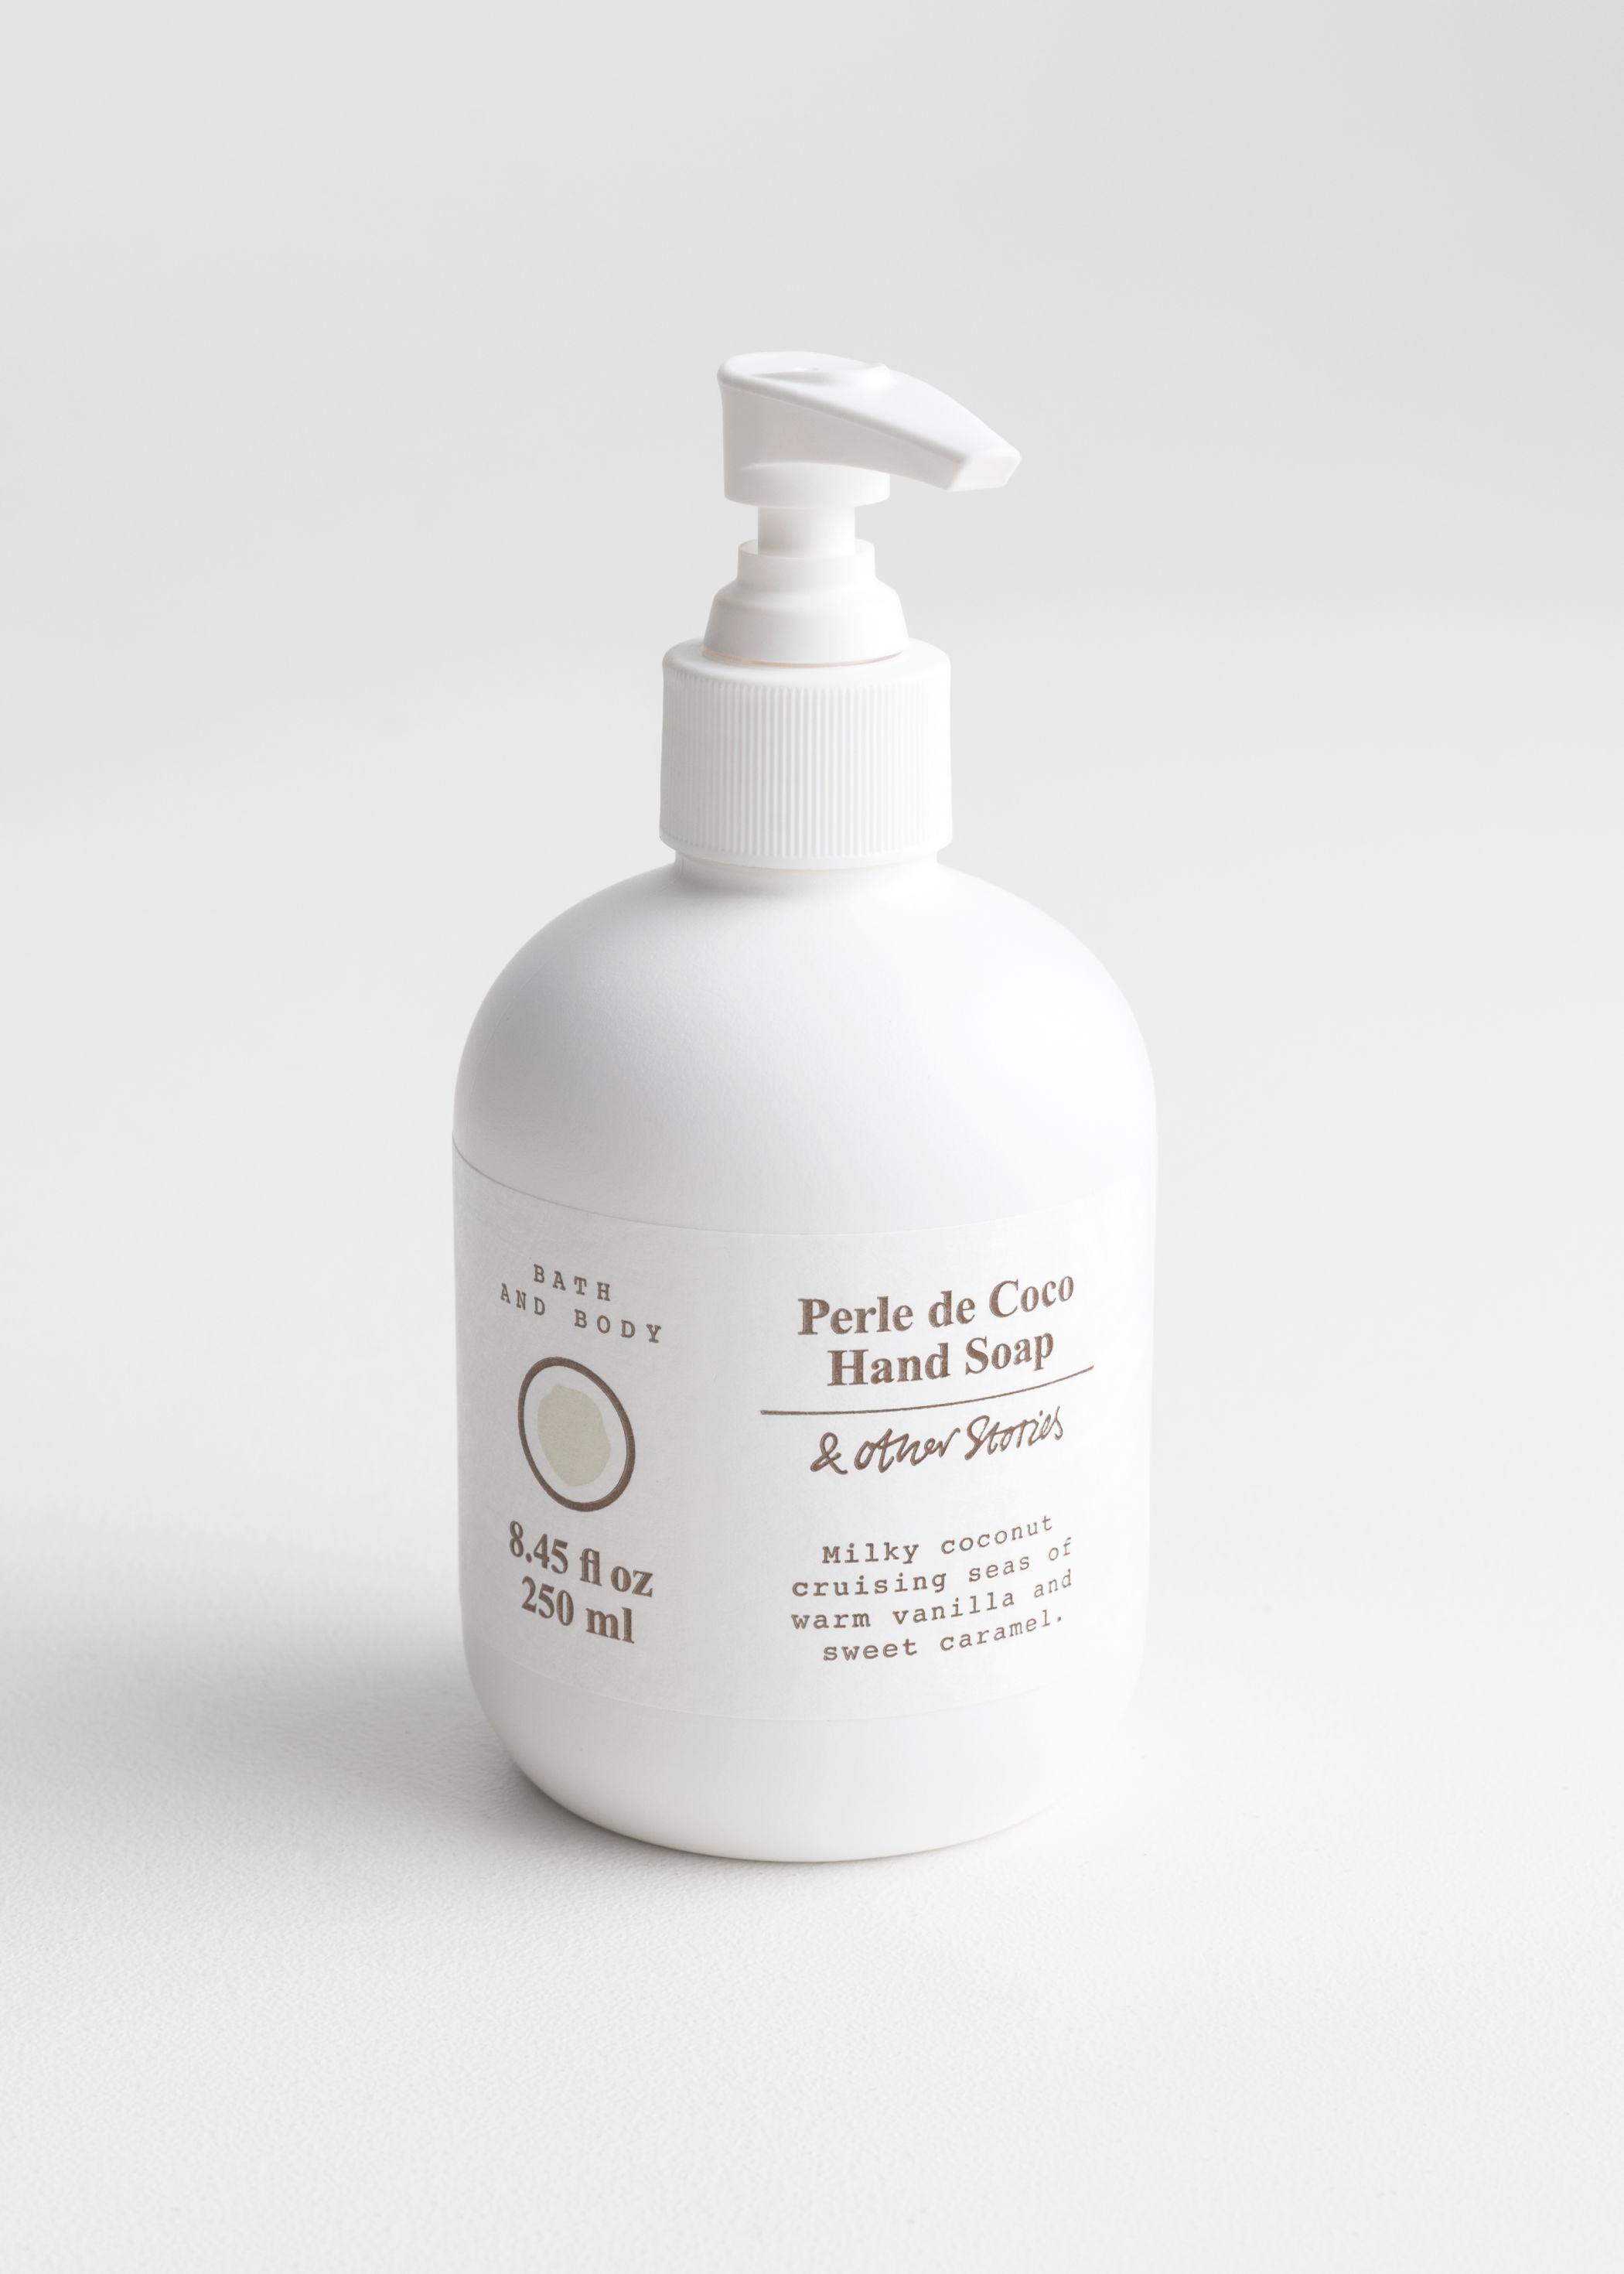 앤 아더 스토리즈 '펄 드 코코' 핸드 소프 (250ml) & OTHER STORIES Perle de Coco Hand Soap